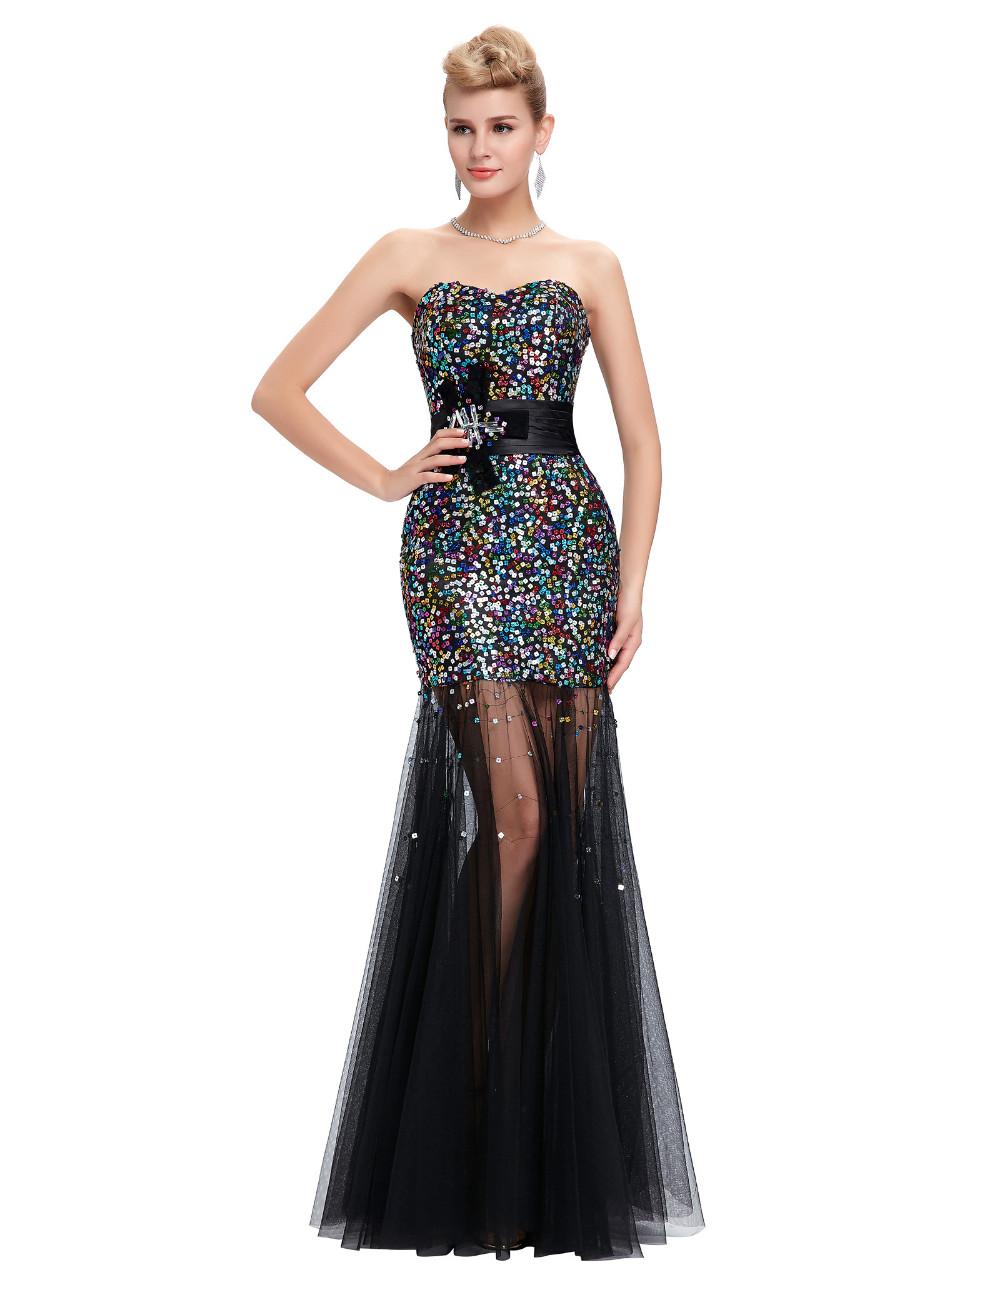 Dlhé spoločenské šaty - 8 veľkostí Grace Karin - Obrázok č. 1